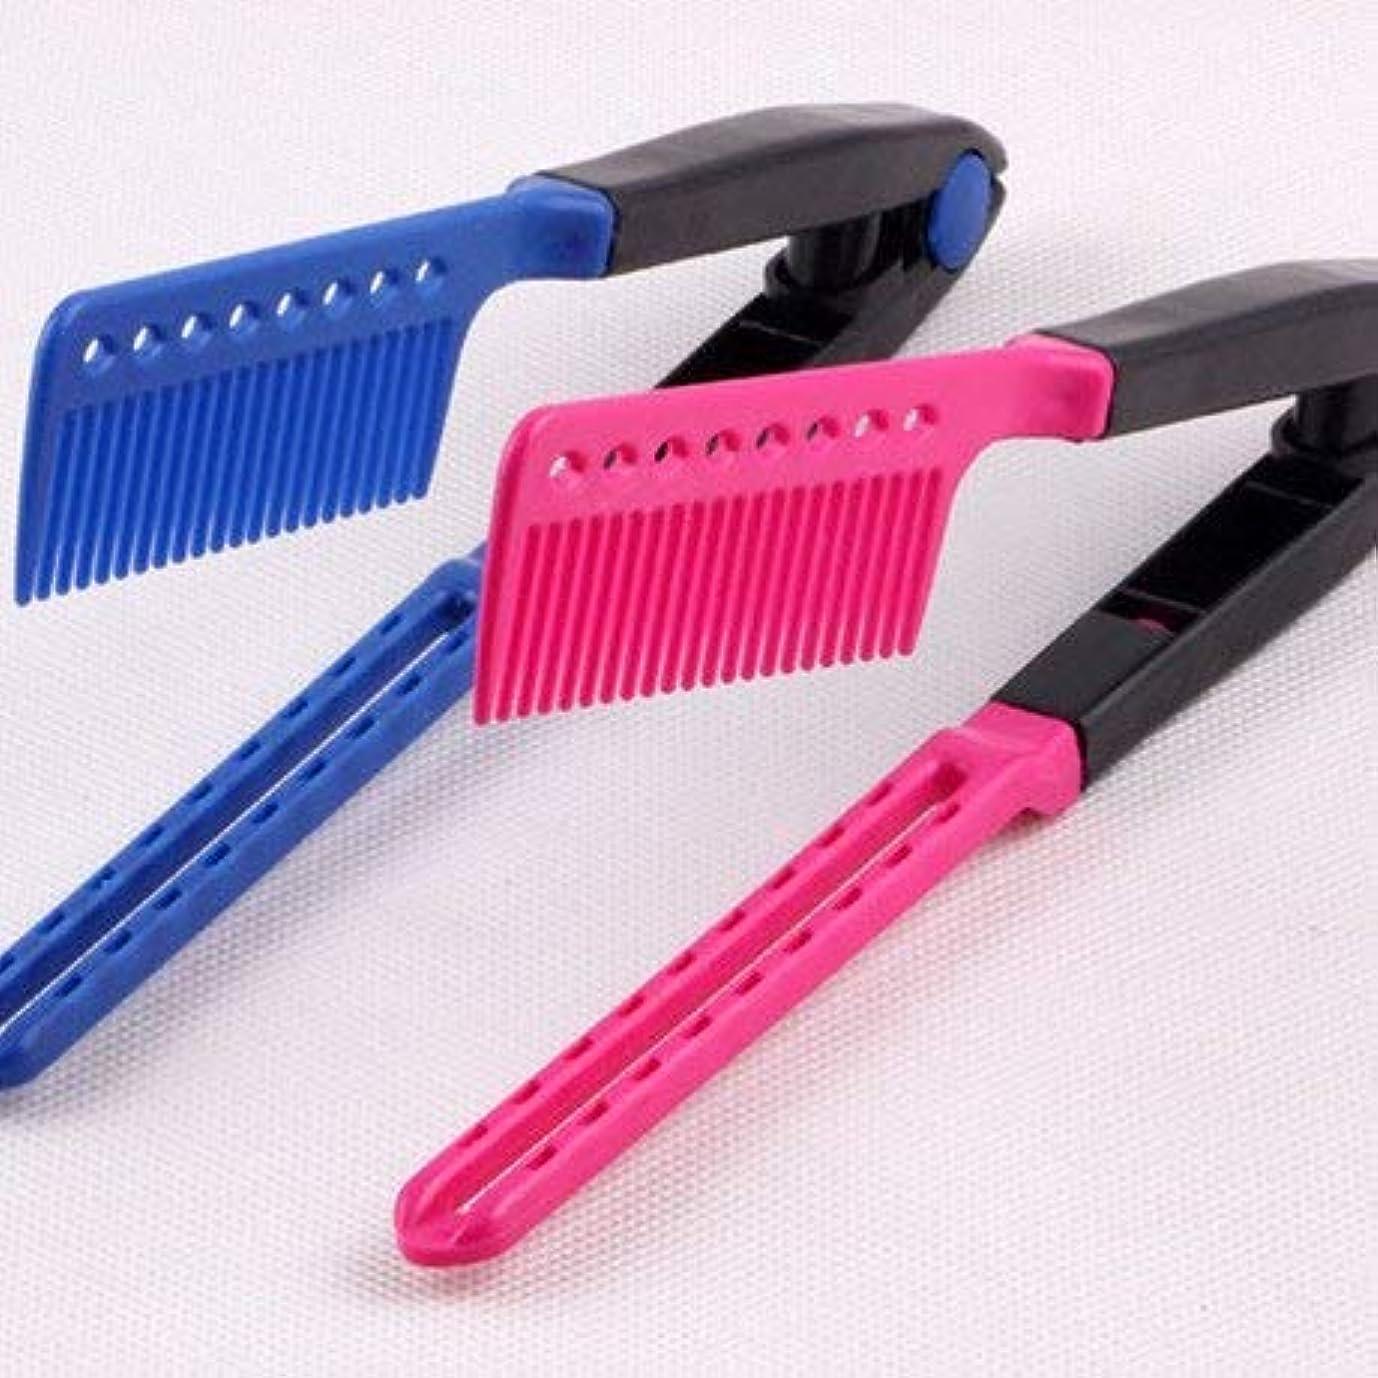 罪悪感のぞき穴代わりにを立てるHair Straightening Comb, Haircut Anti-static V Shape Comb Clip Clamp Hairdressing Styling Tools(Rose_Red) [並行輸入品]